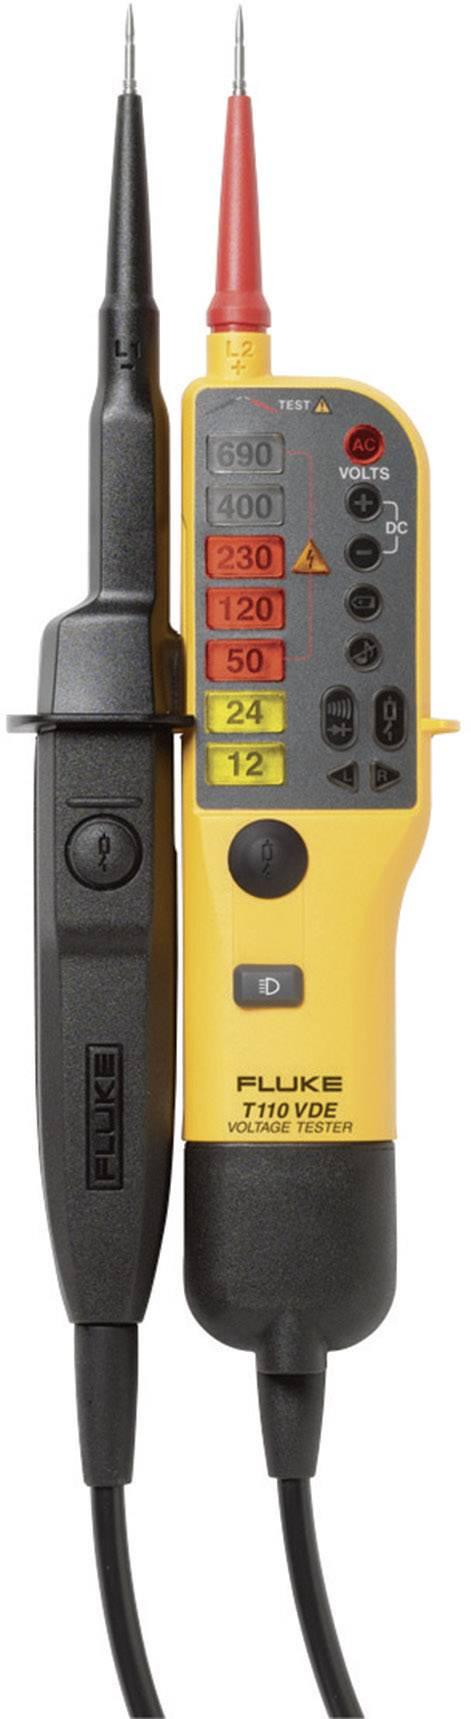 Dvojpólová skúšačka napätia Fluke T110/VDE